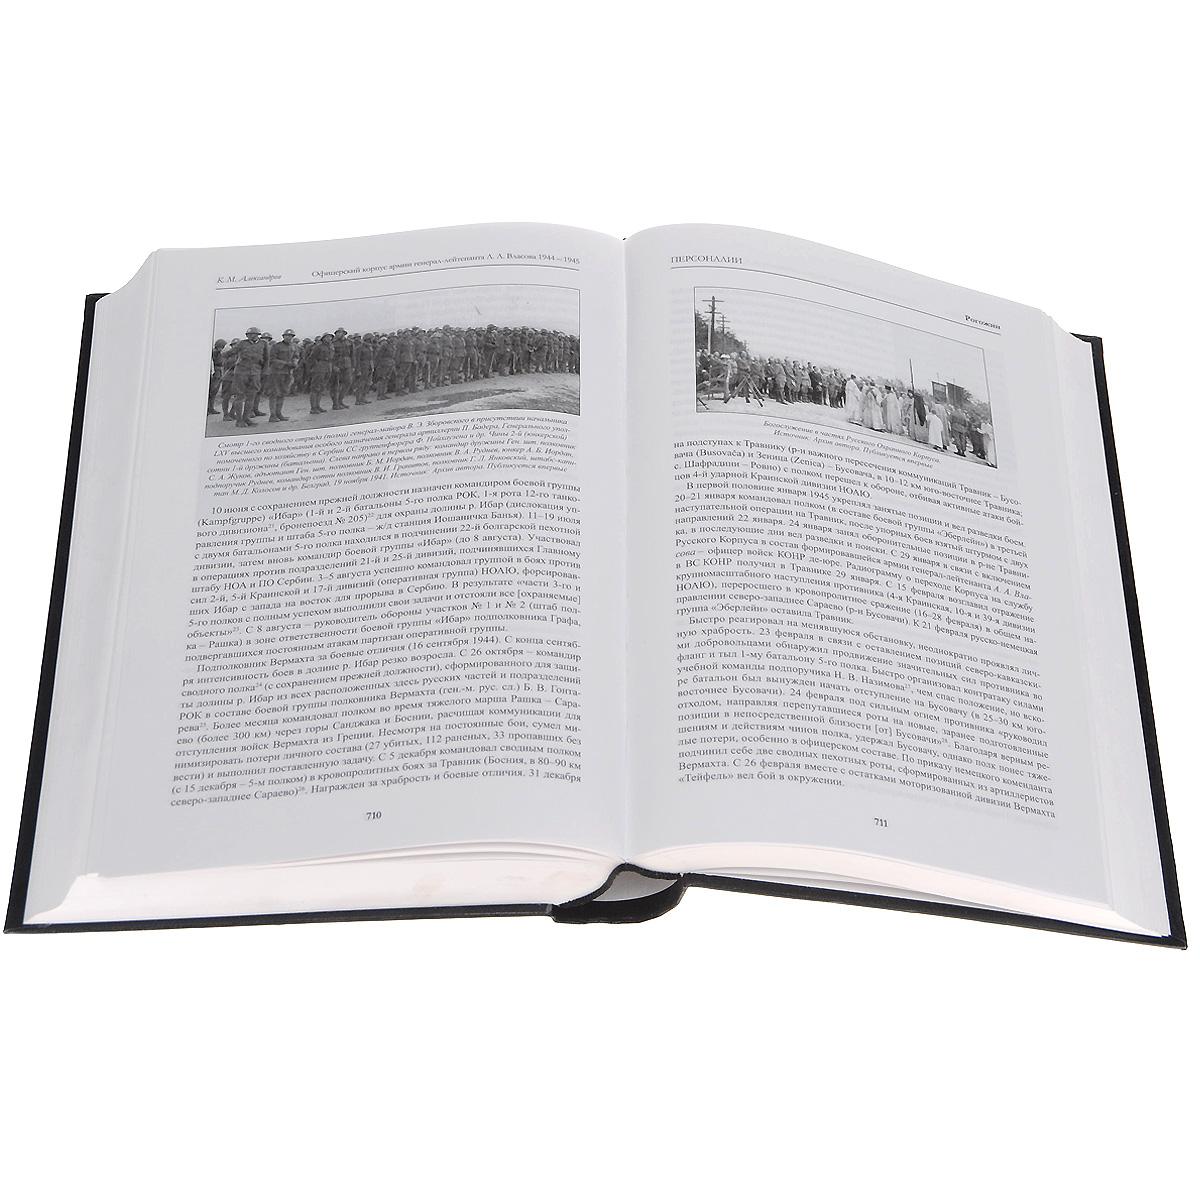 Офицерский корпус армии генерал-лейтенанта А. А. Власова 1944-1945, К. М. Александров